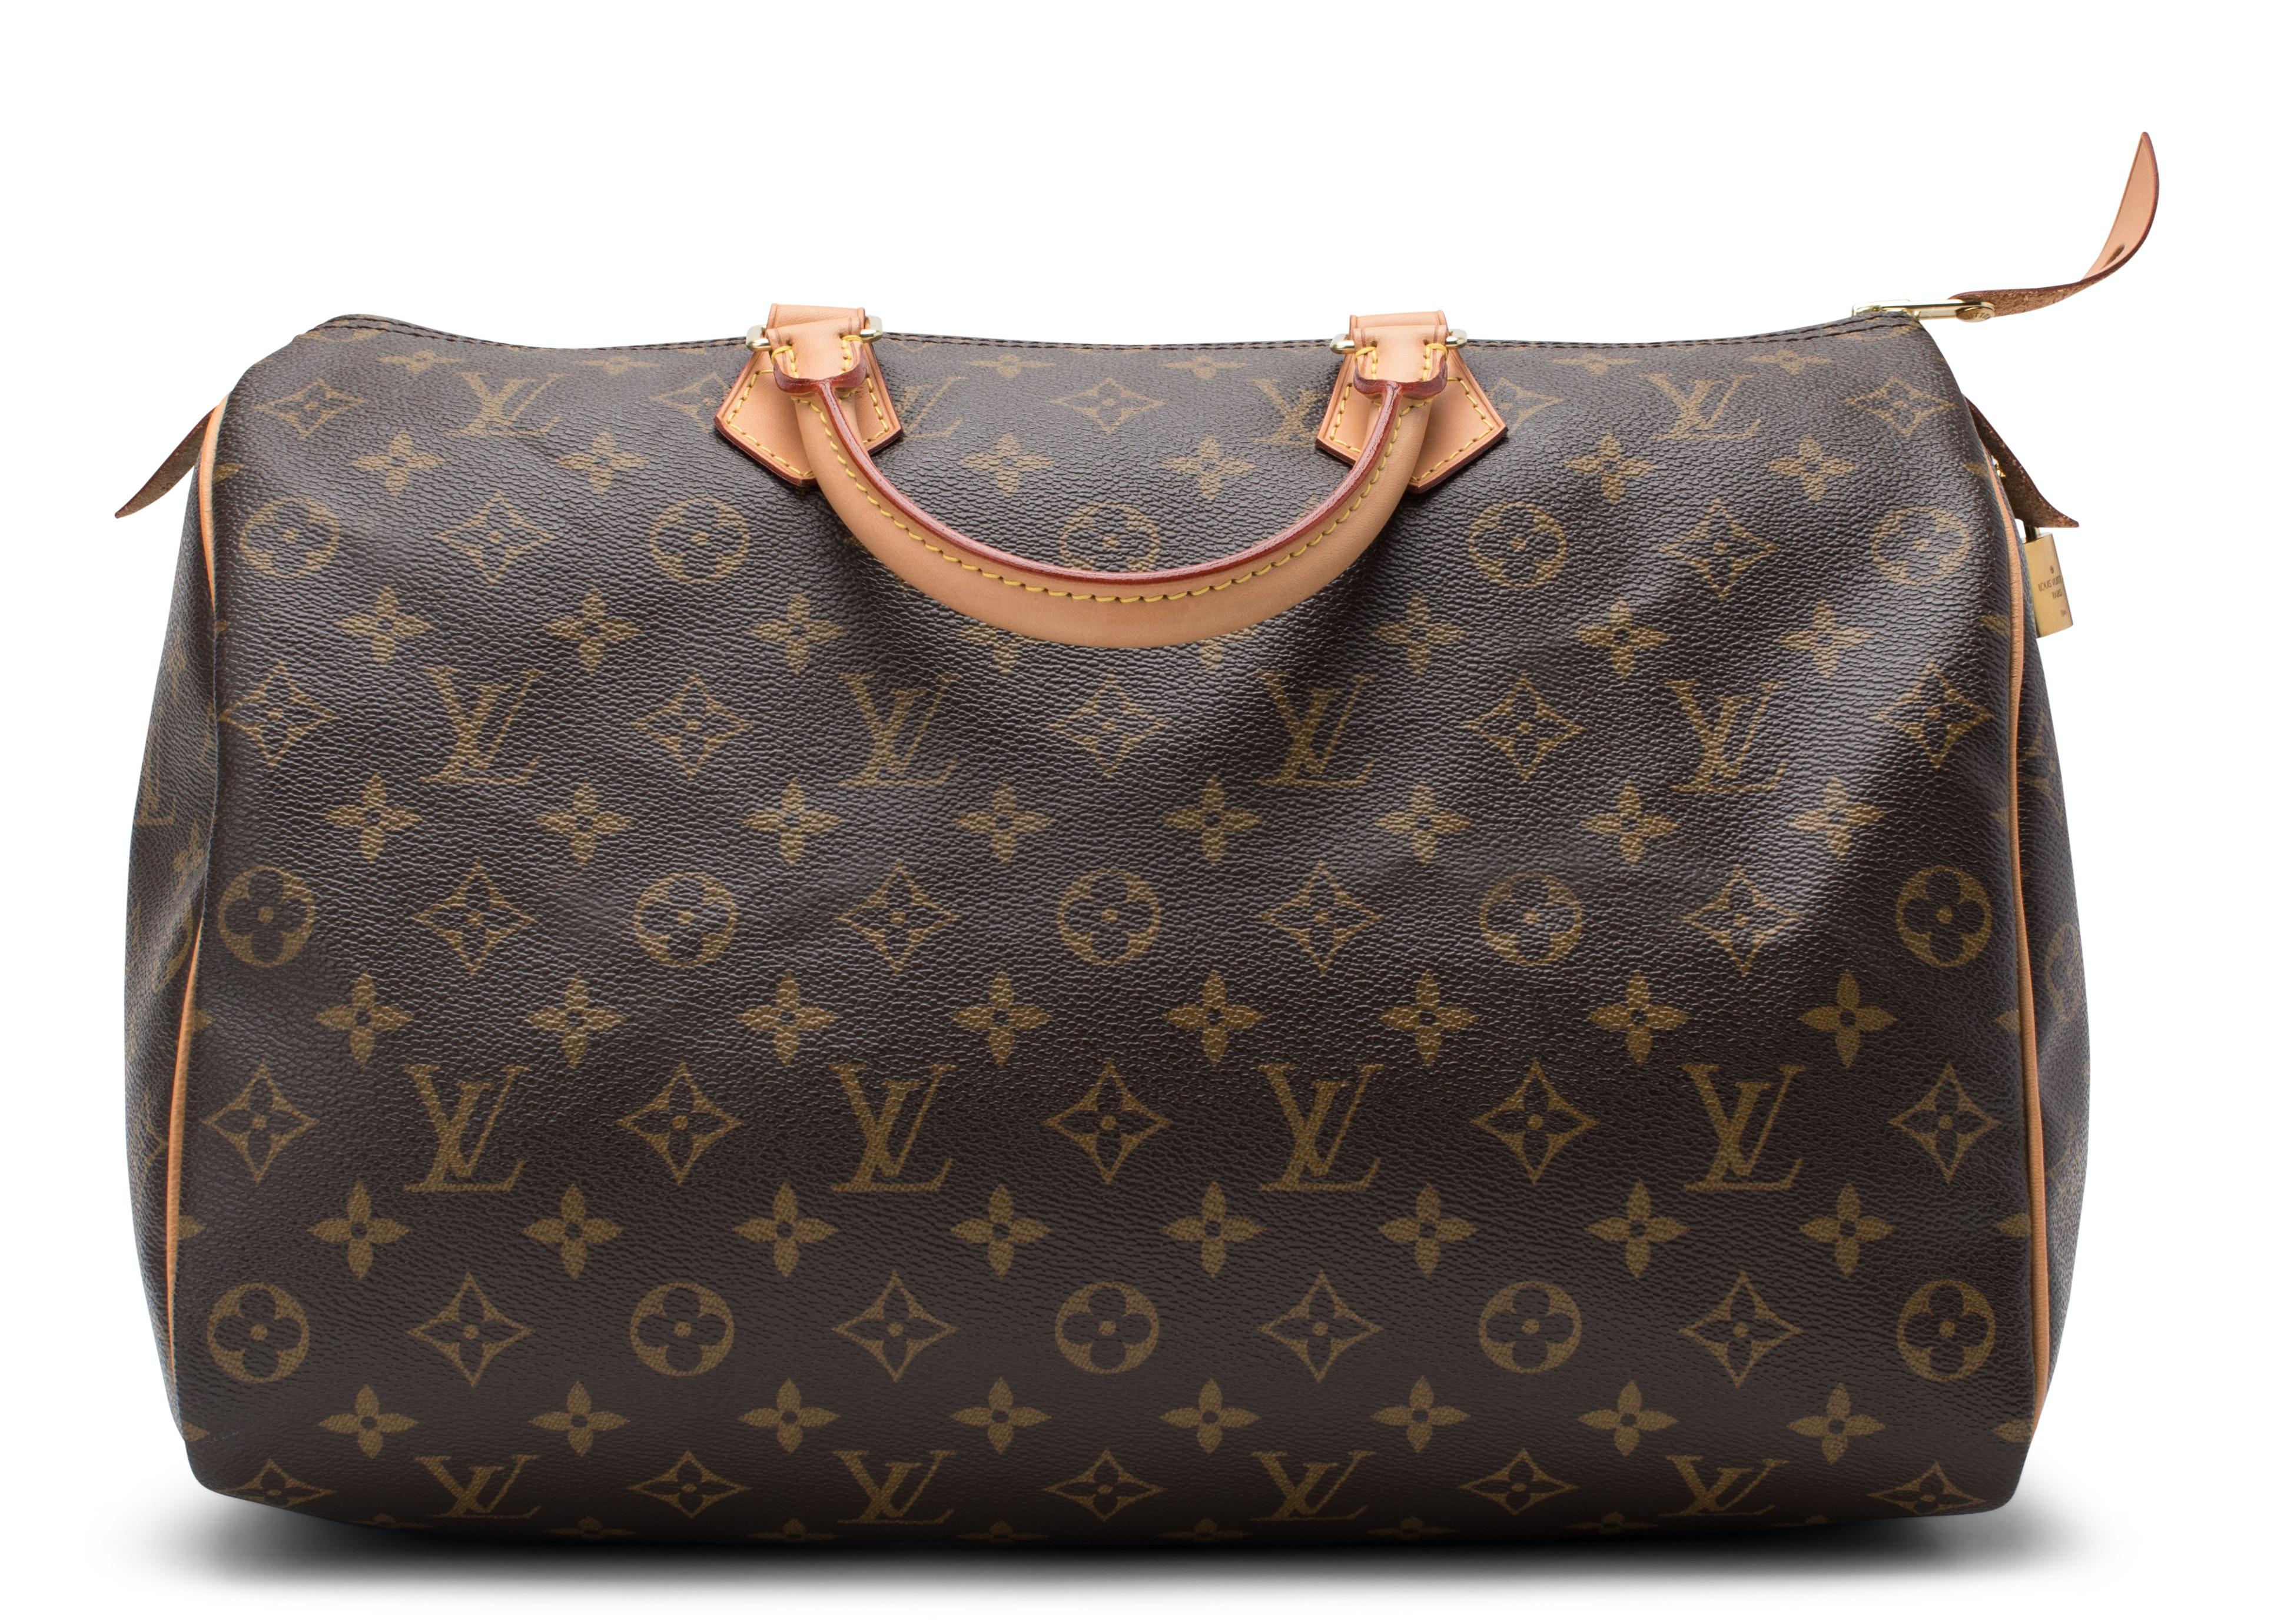 Louis Vuitton Speedy Monogram 30 Brown